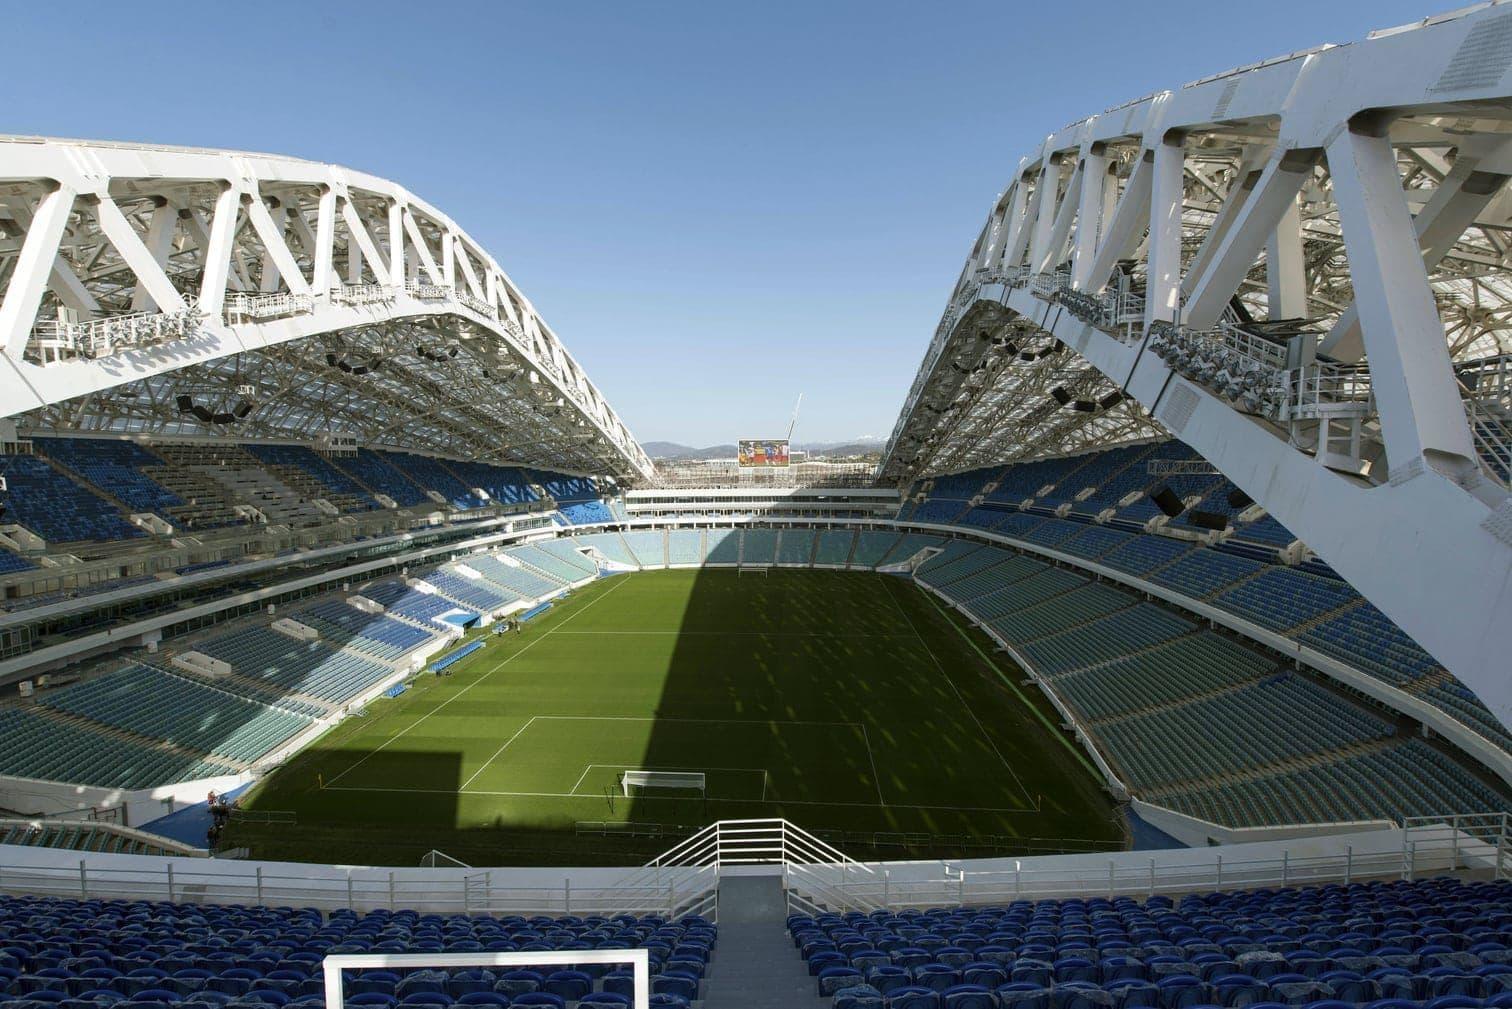 sollte den Gorki Park besuchen. Moskau hat zwei WM-Stadien: die Arena des Traditionsclubs Spartak sowie das renovierte Luschniki-Stadion